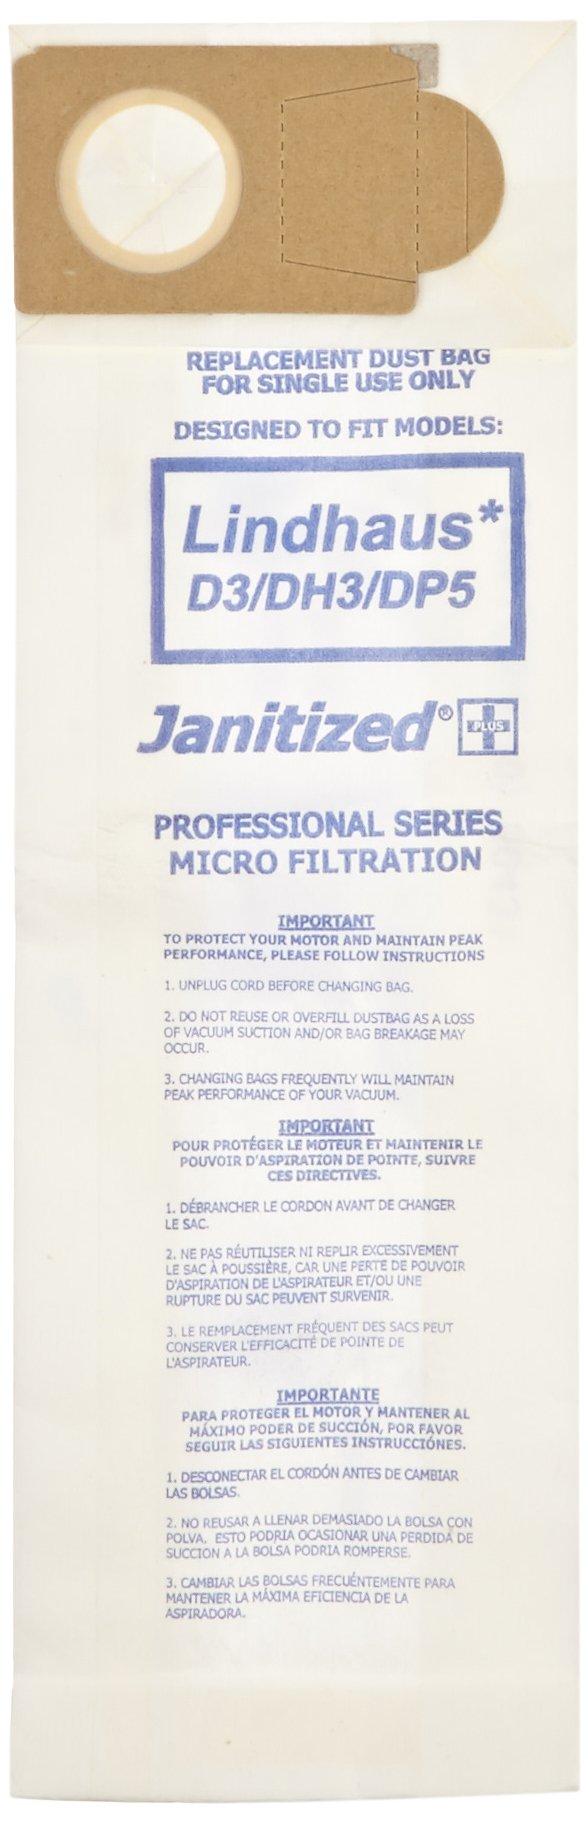 Janitized JAN-LD3-2(10) Premium Replacement Commercial Vacuum Paper Bag For Lindhaus D3/DP3/DP5 Evolution/DH3/DP5 Hepa & Valzer HEPA Vacuum Cleaners (10 - 10 packs)